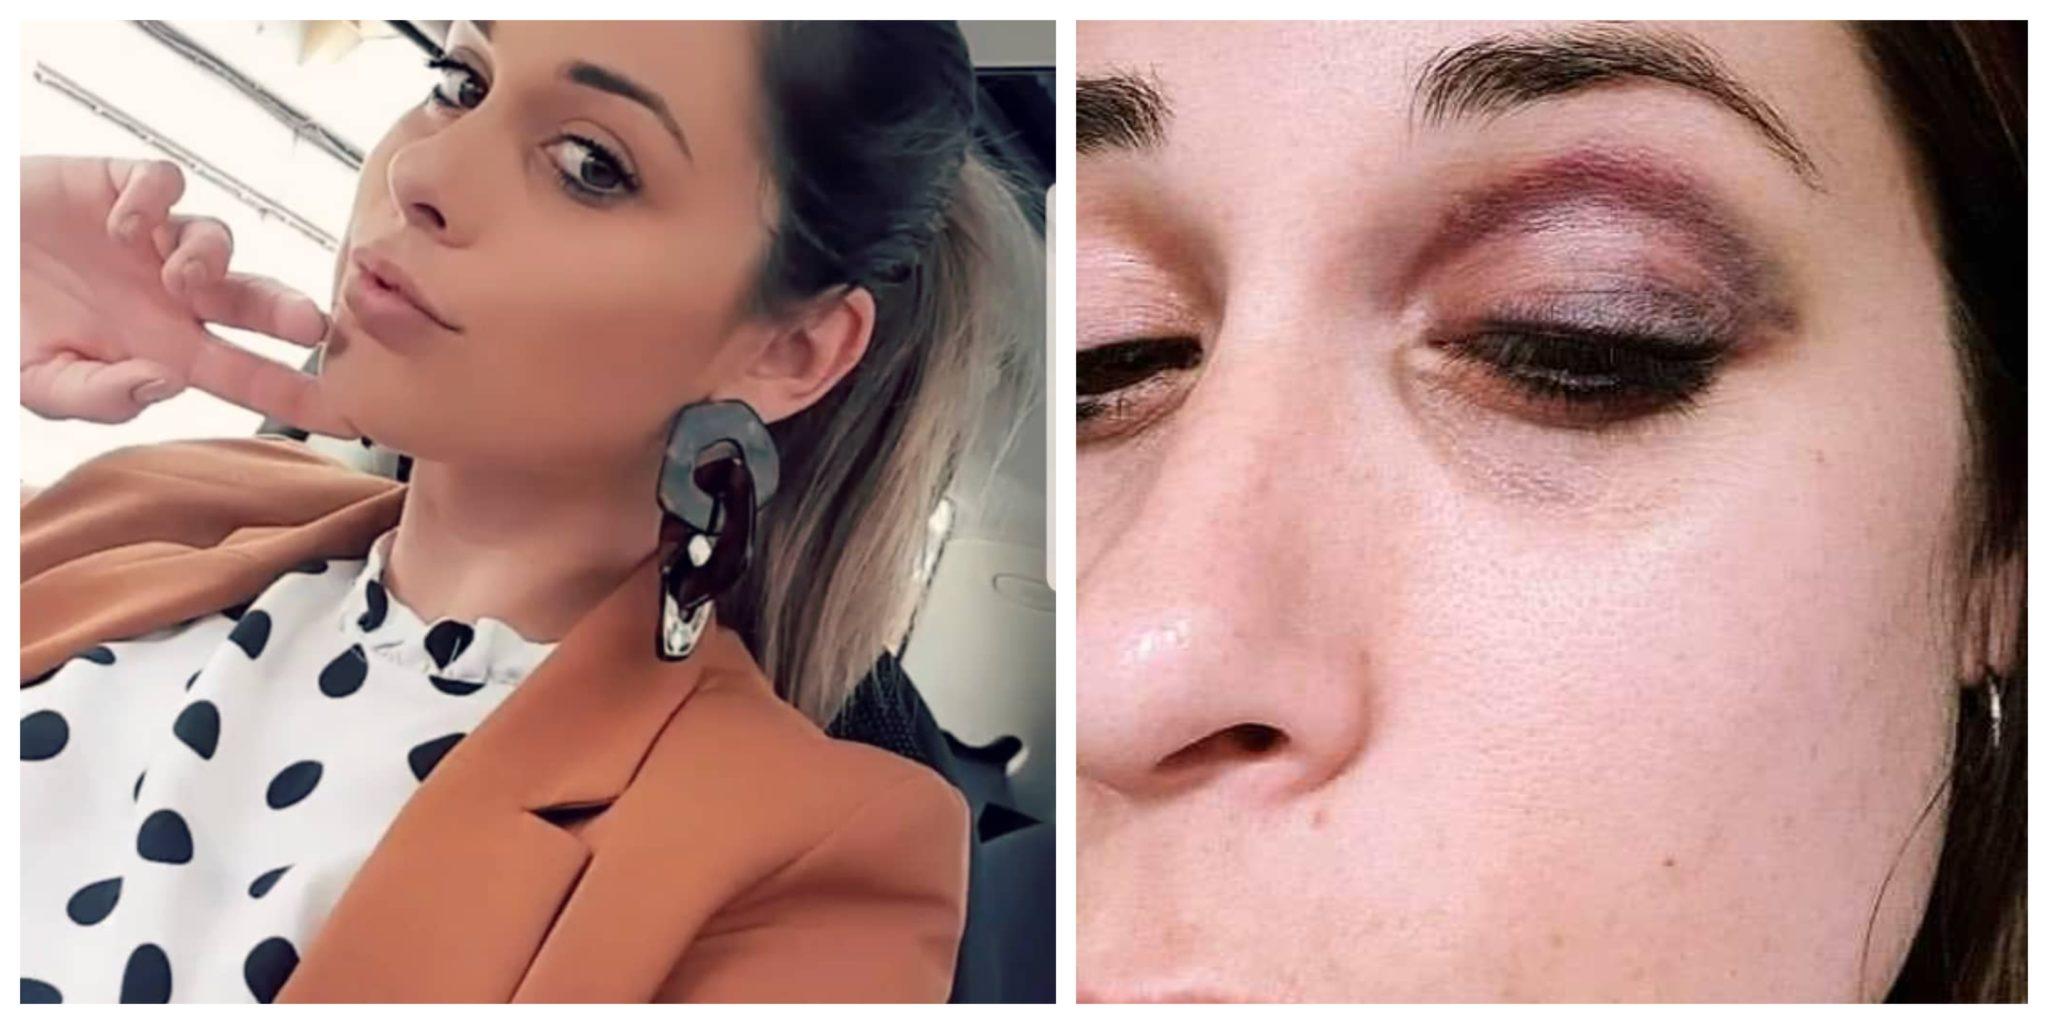 Daniela Duarte Ex-Concorrente Da 'Casa Dos Segredos' Divulga Fotos Após Episódios De Violência Doméstica